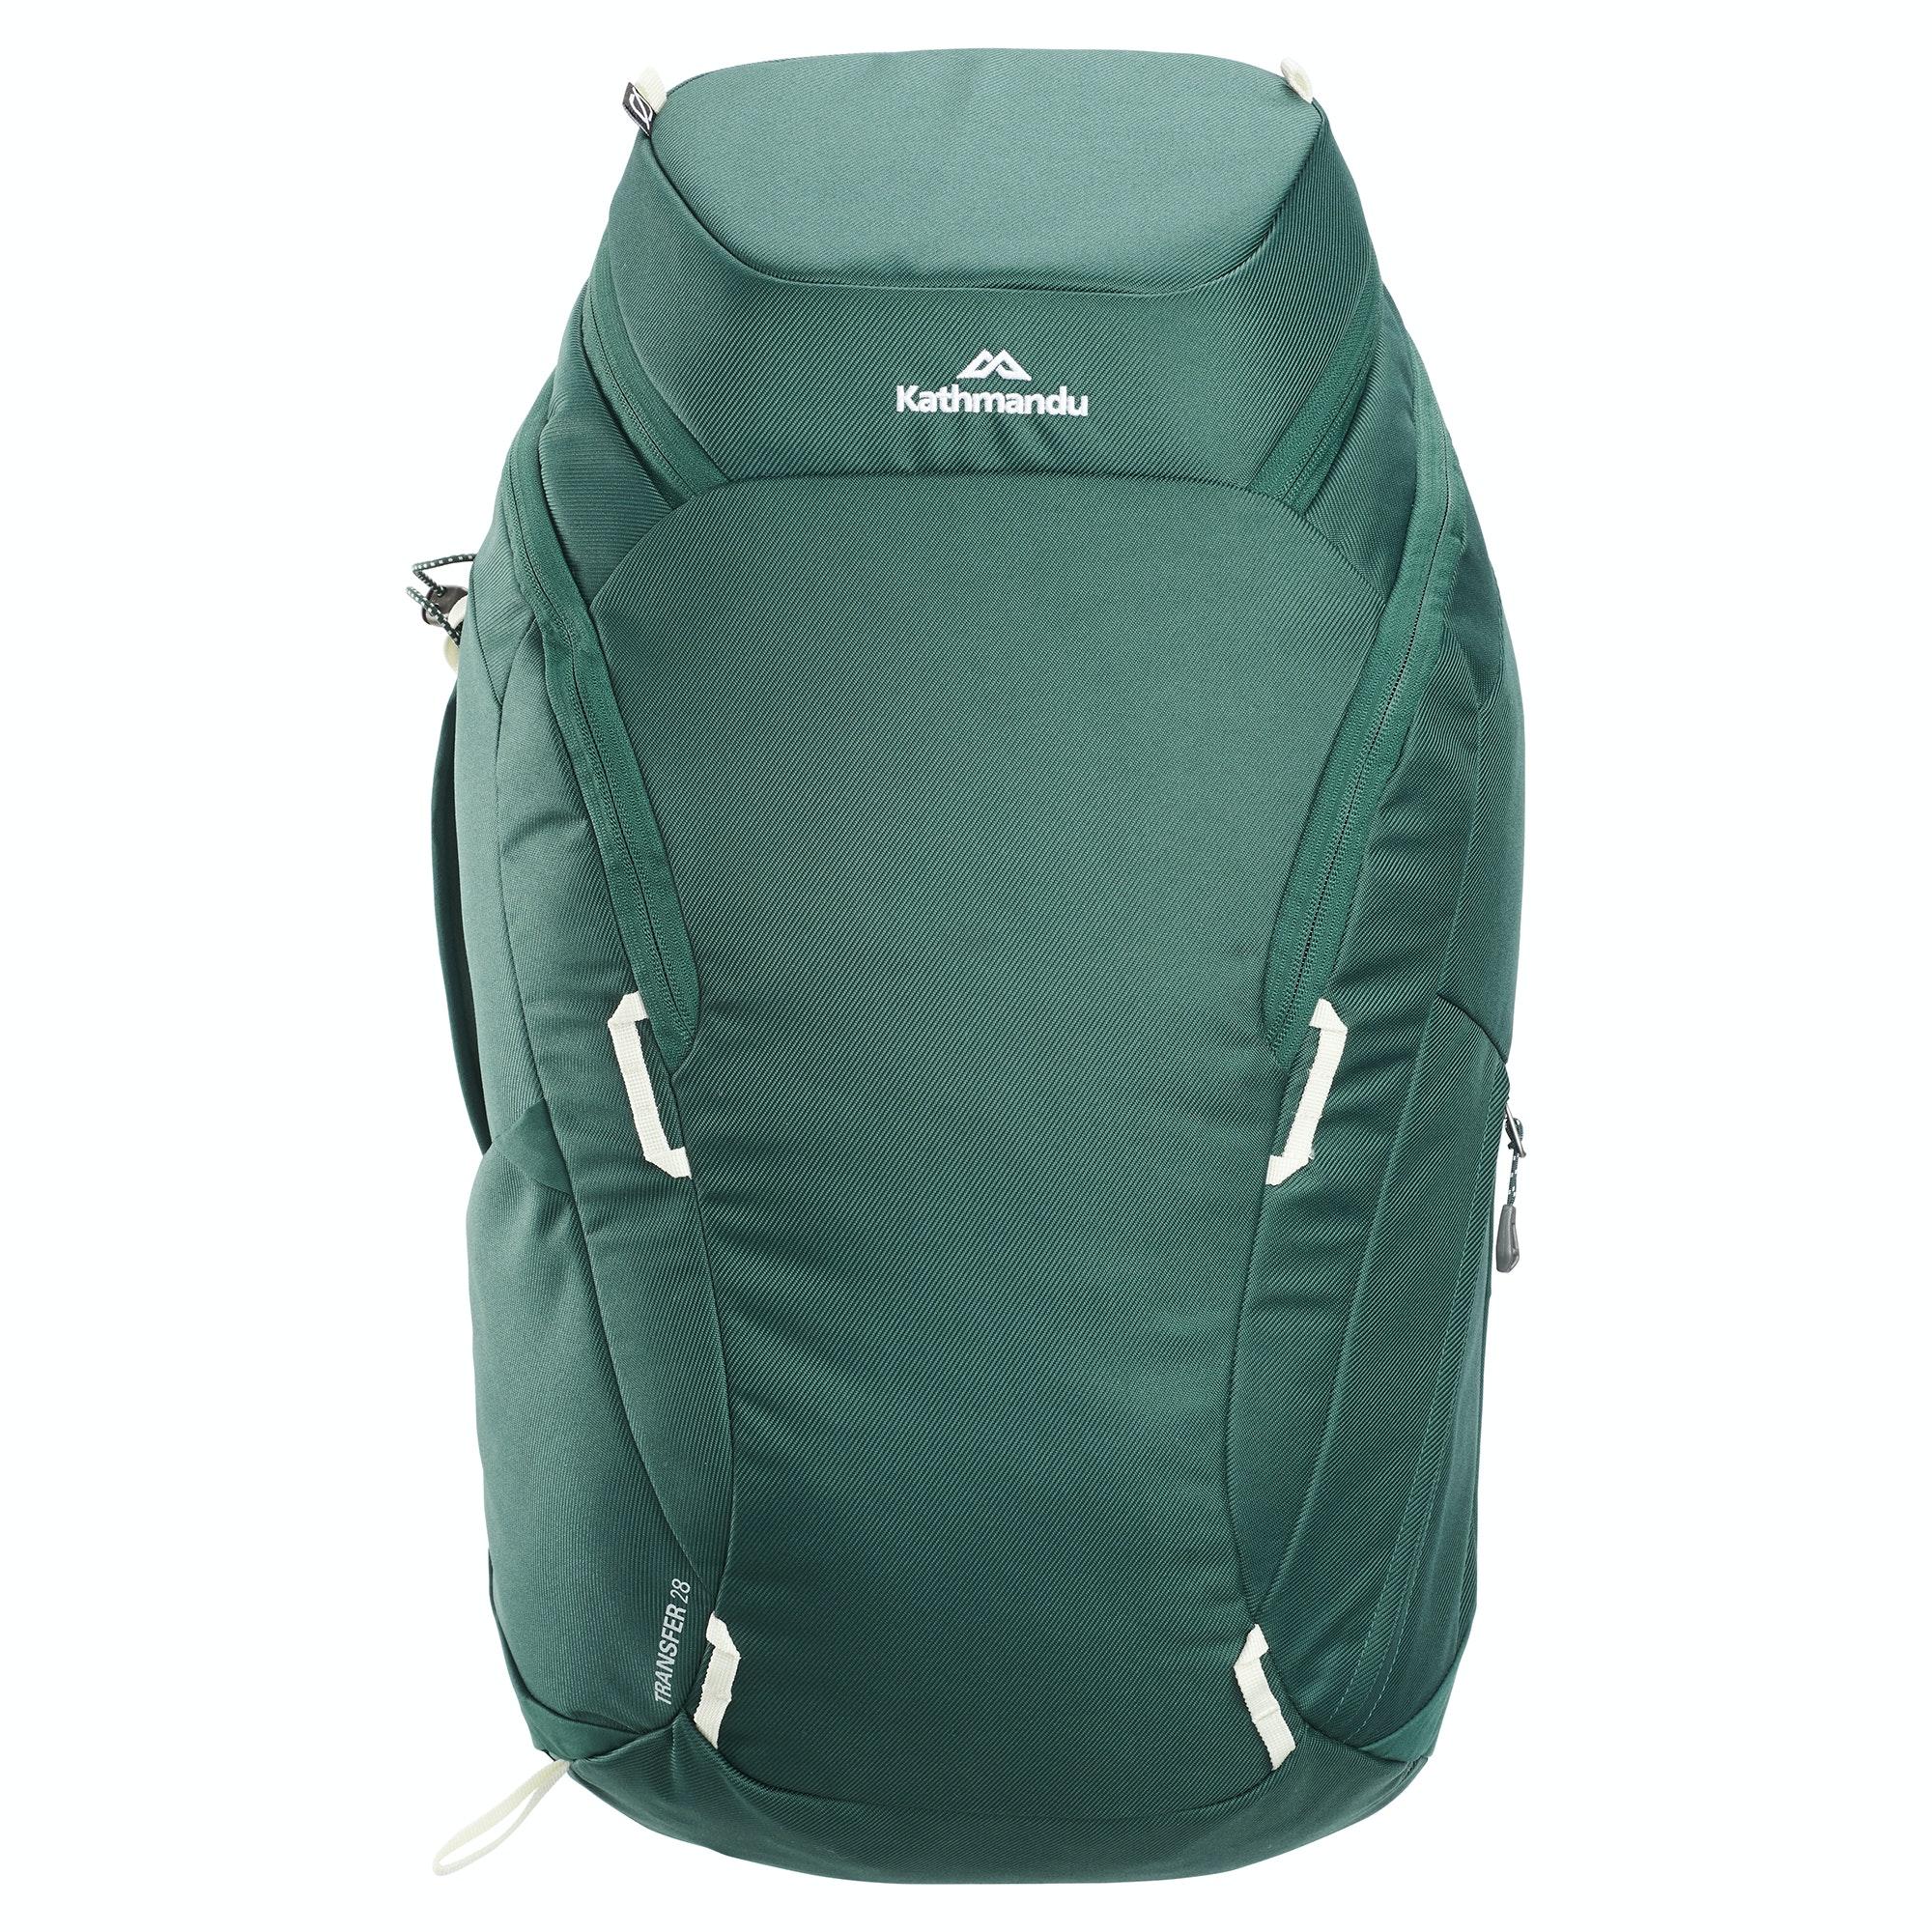 Travel Backpacks for Women & Men for Sale